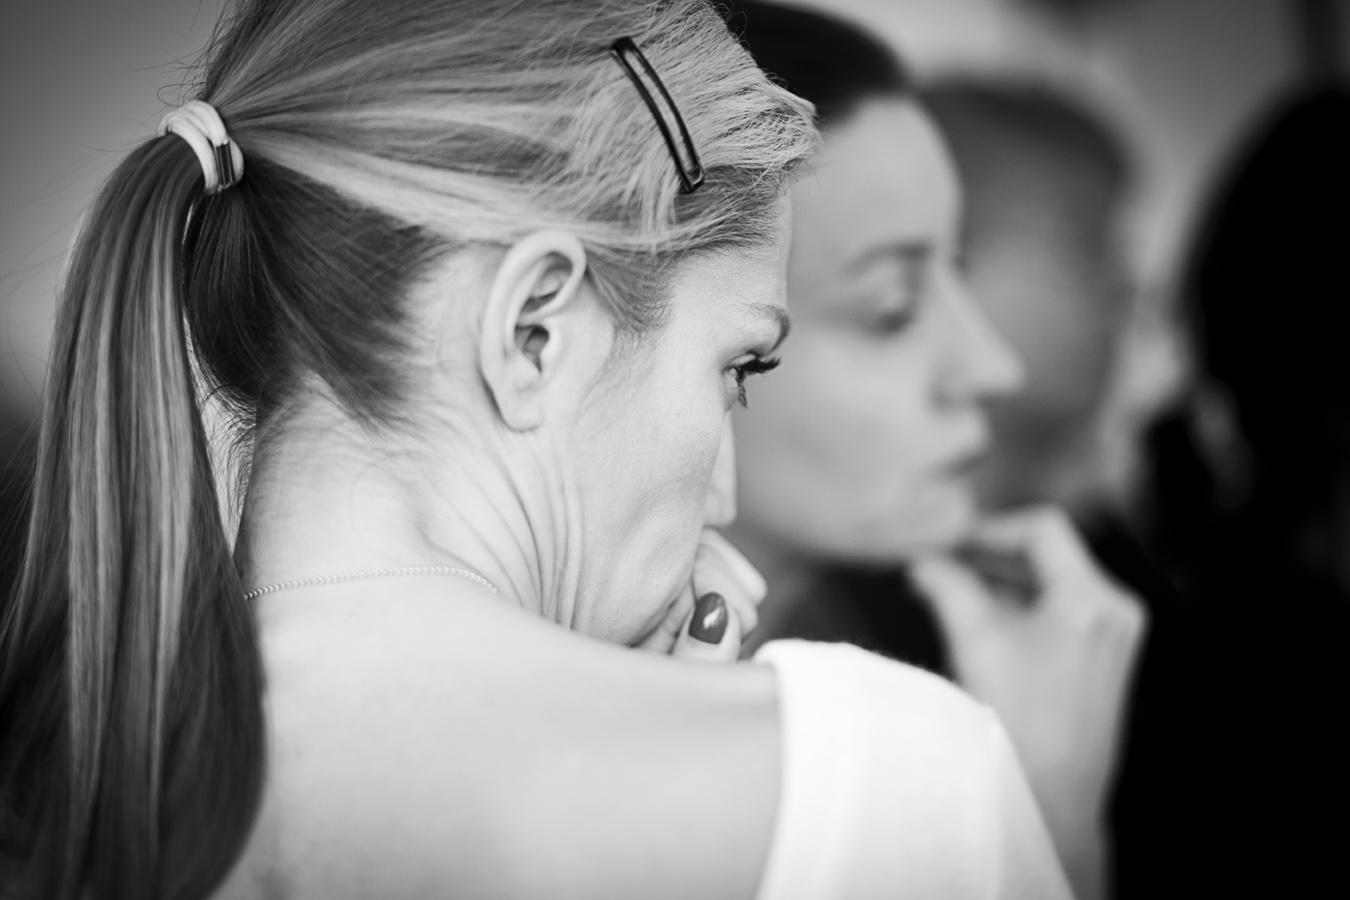 Skupienie... Magdalena Mousson-Lestang i Ania Poniewierska, stylistka/fot. Agnieszka Taukert/Backbone dla Do You Know Fashion